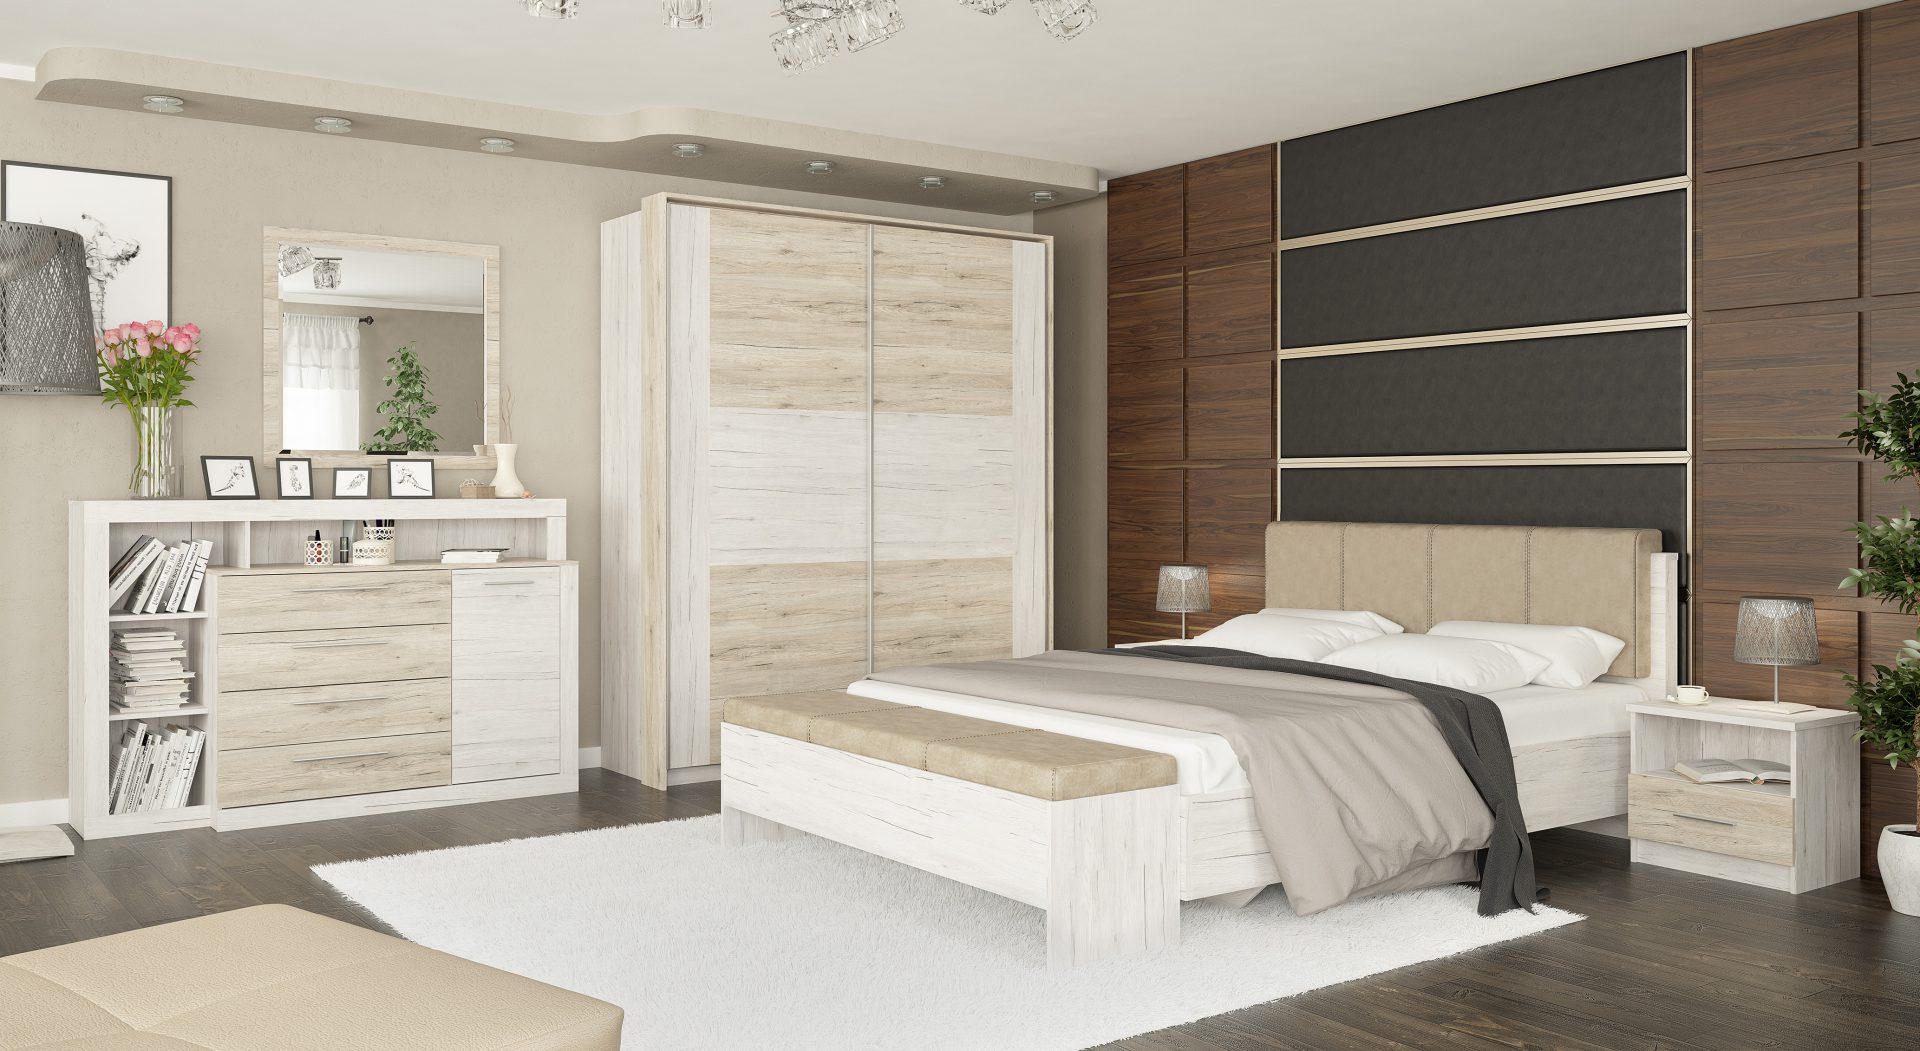 Ким спальня мебель сервис купить мебель со склада киев